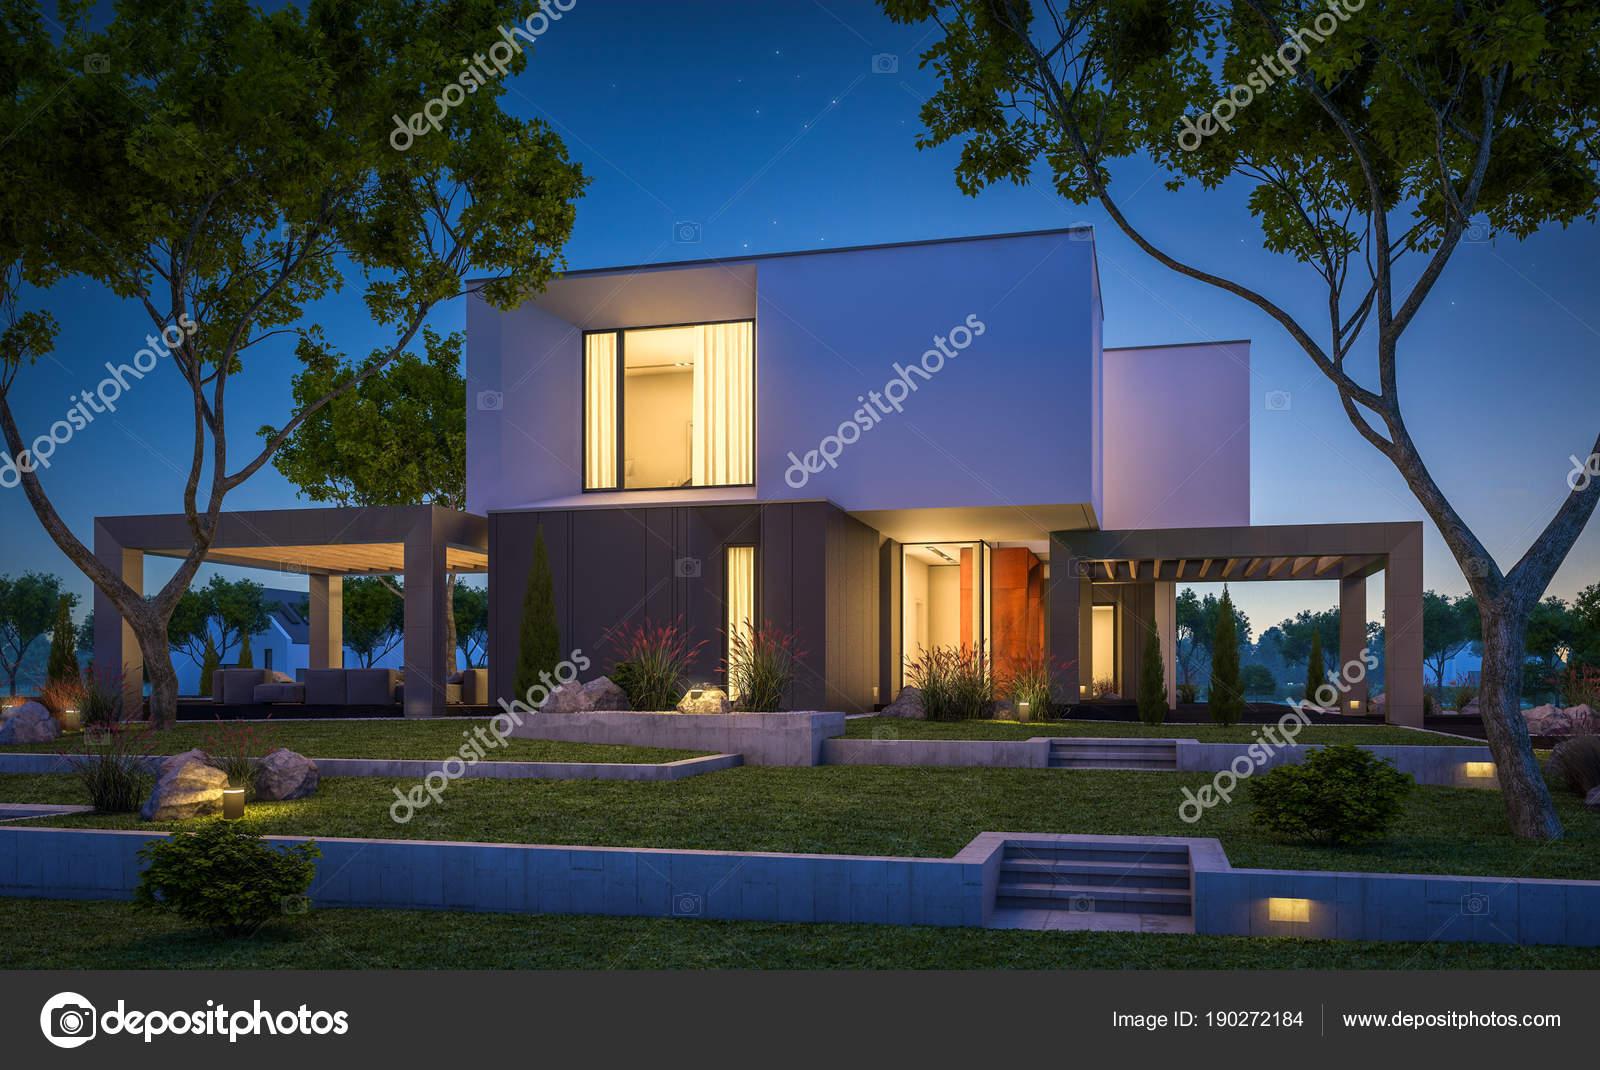 3d rendering van modern huis in de tuin s nachts u2014 stockfoto